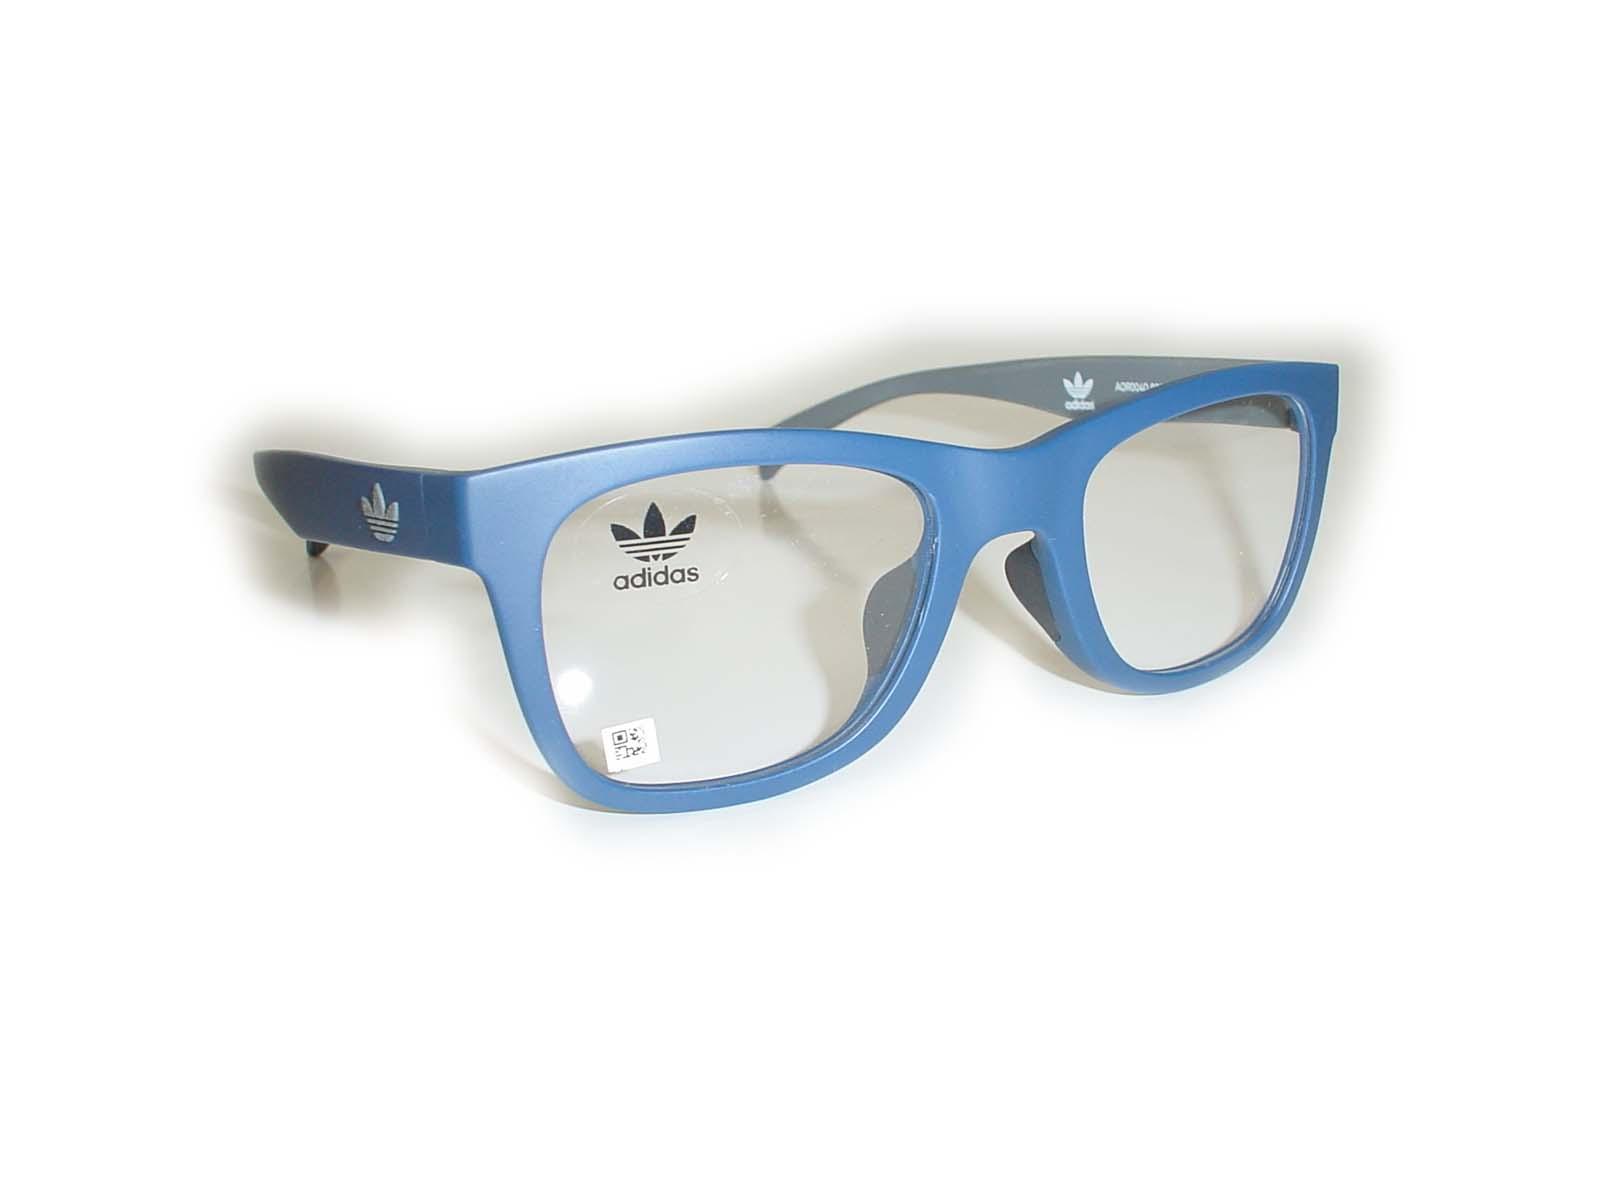 ★adidas(アディダス)★AOR004050□22-140COL.021021ネイビーグレー超薄型非球面レンズ付